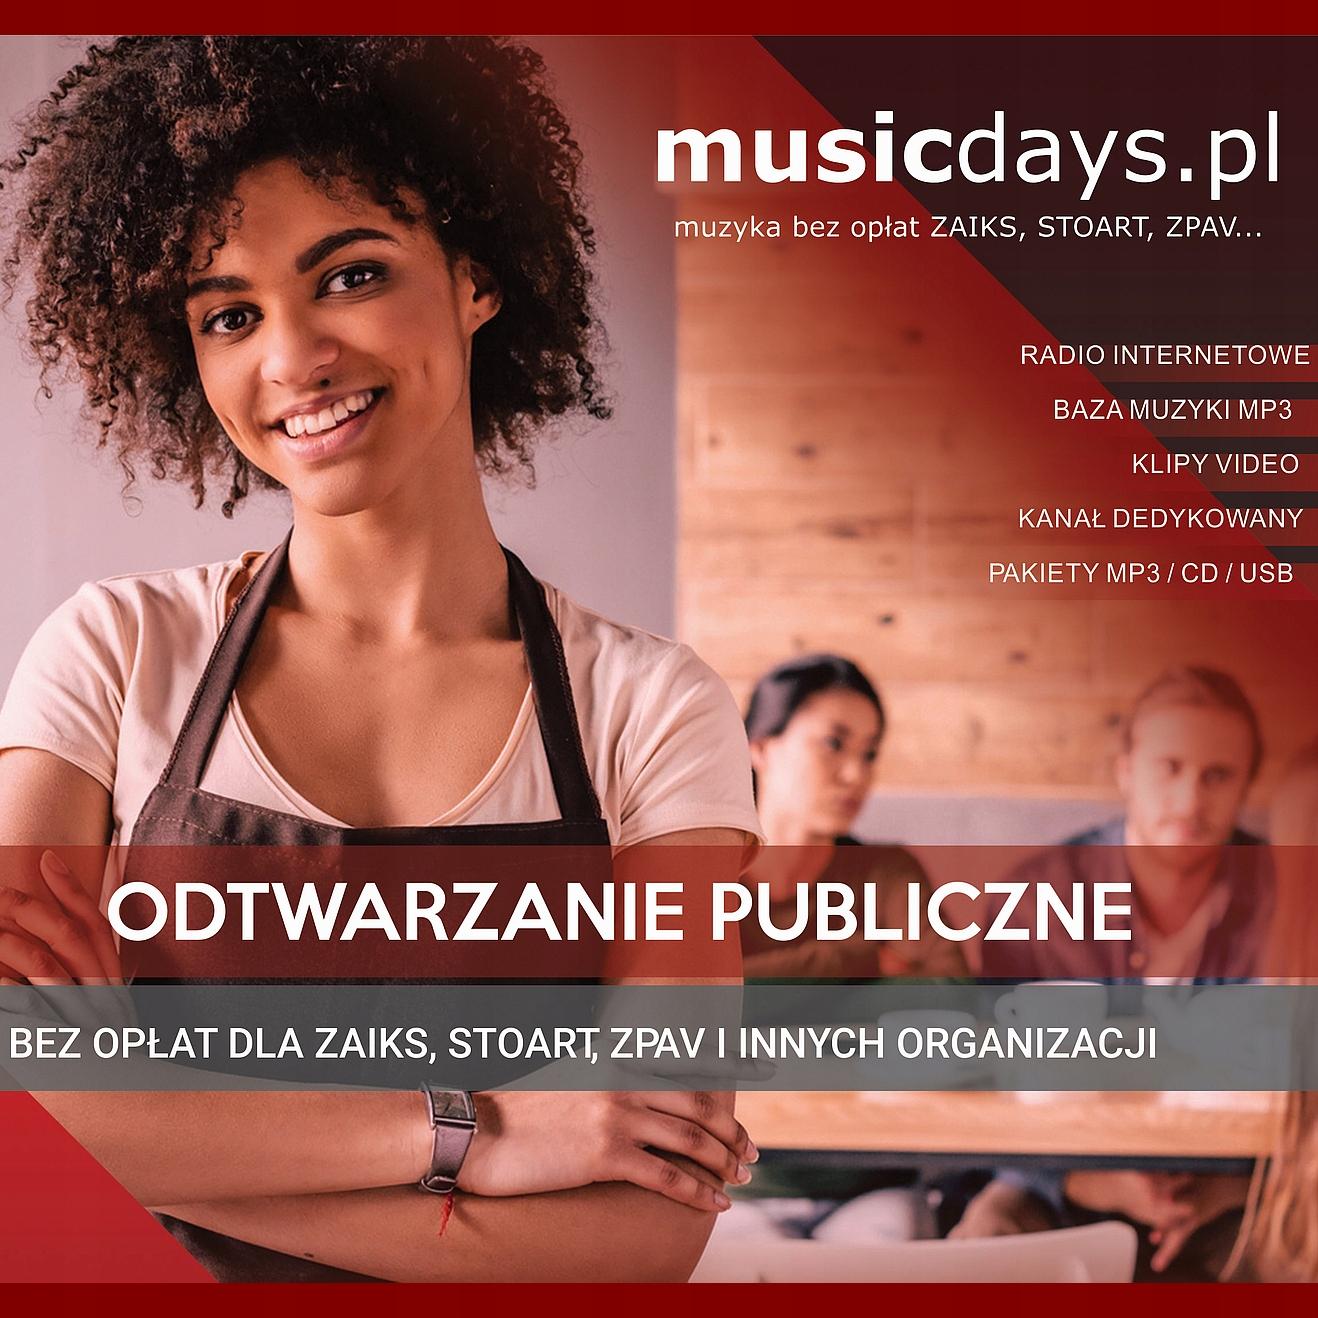 Hudba bez podávania Zaiks - 3 pop albumy 7 MP3 + USB